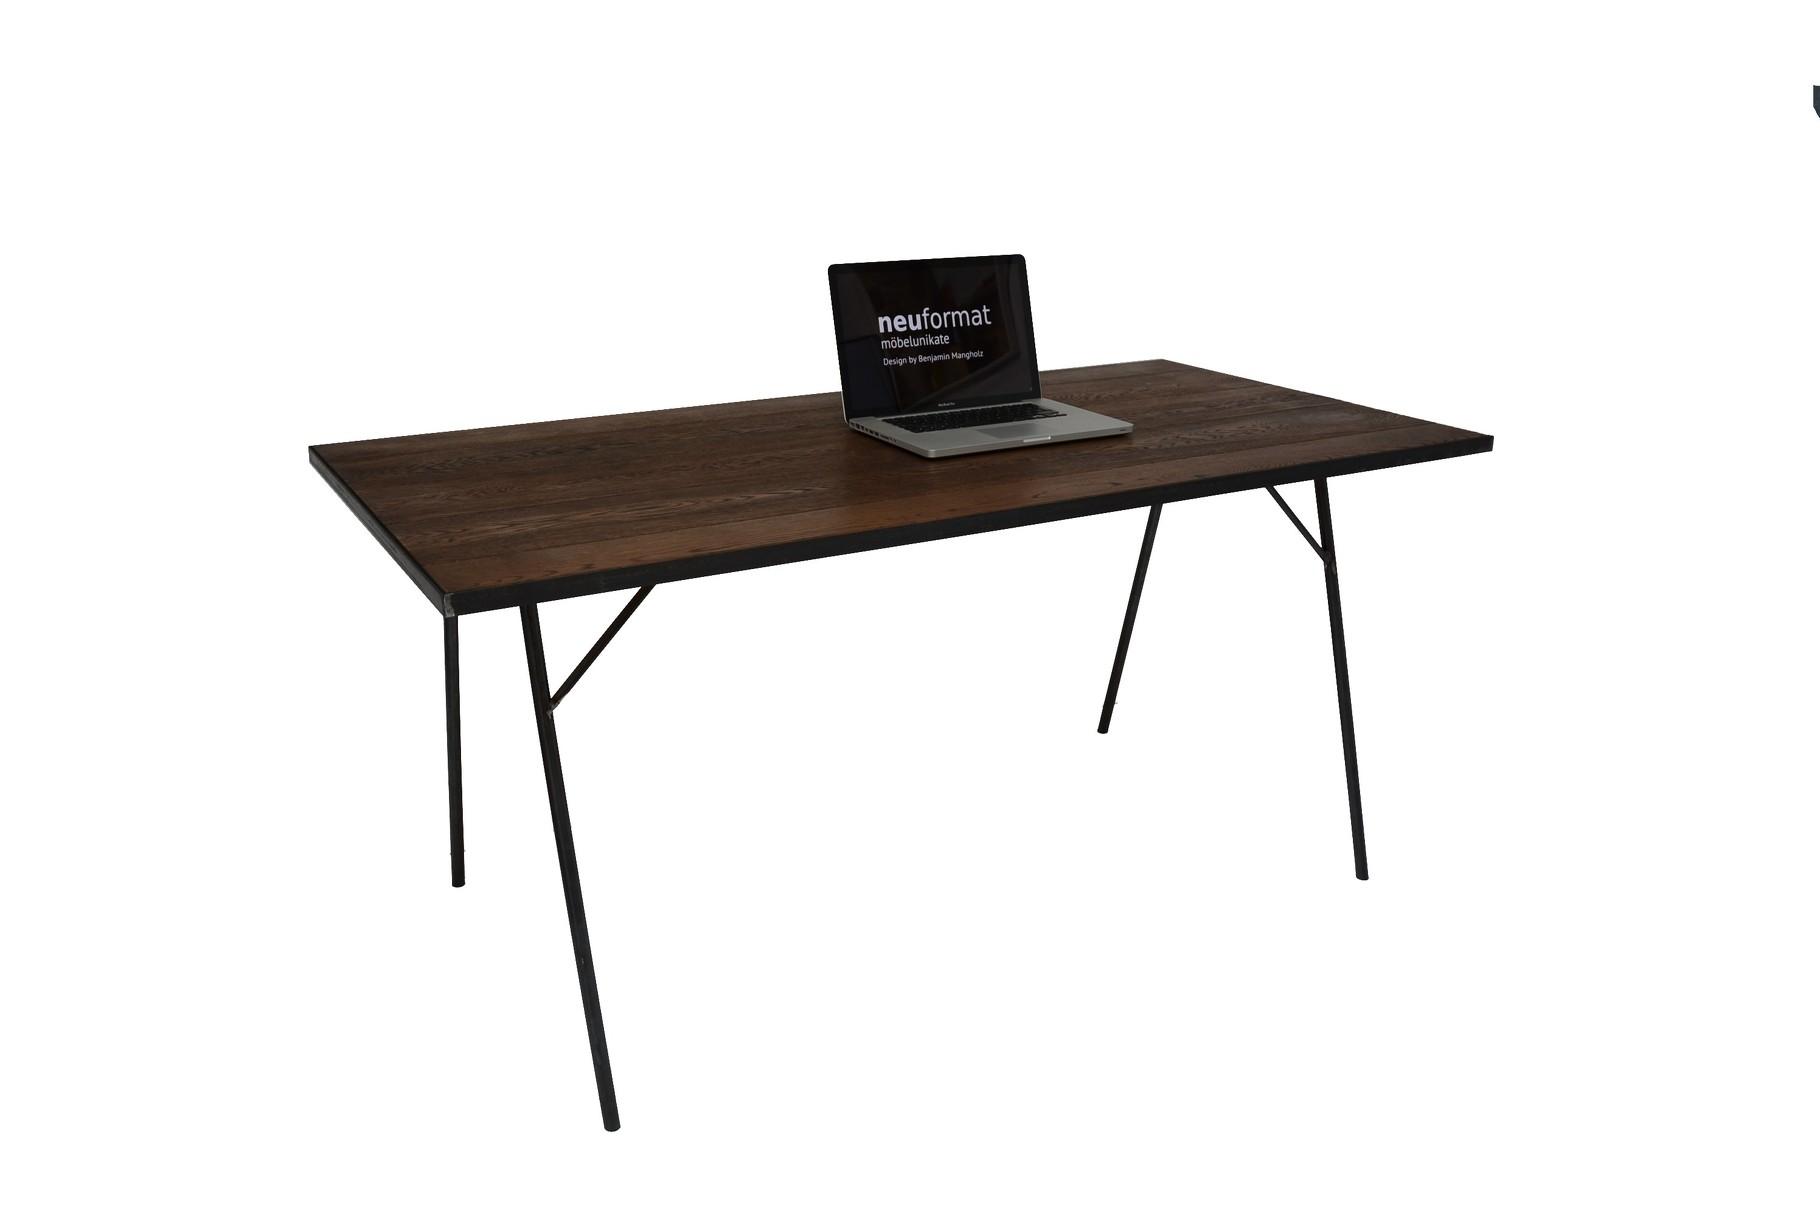 schreibtisch rustikal ansehen neuformat m beldesign. Black Bedroom Furniture Sets. Home Design Ideas